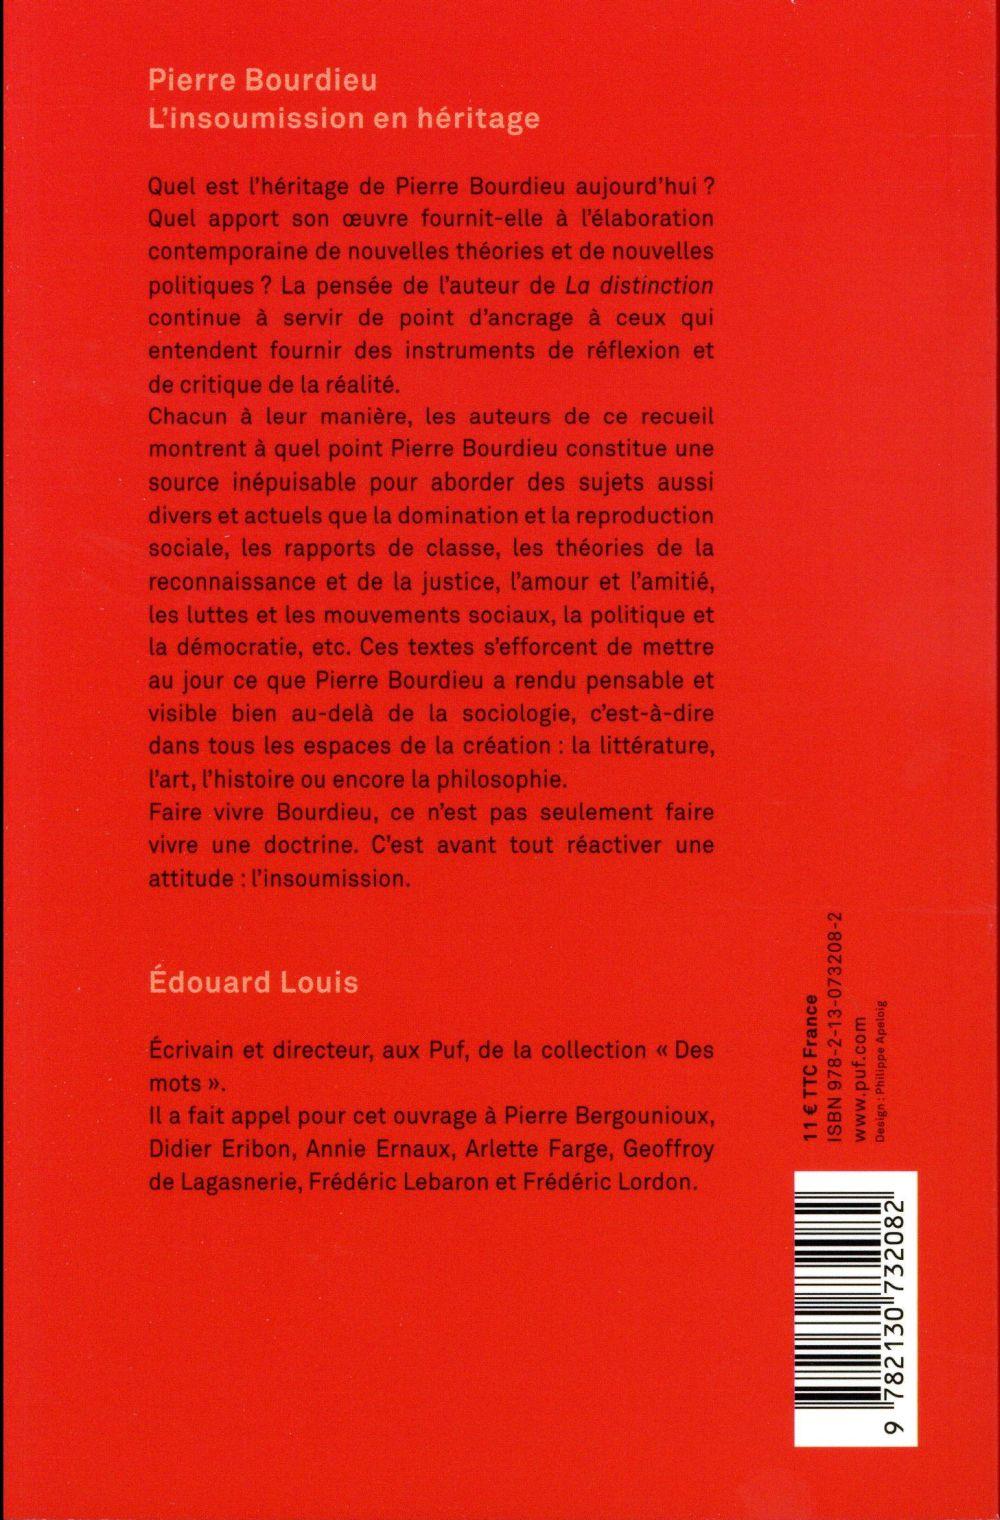 Pierre Bourdieu, l'insoumission en héritage